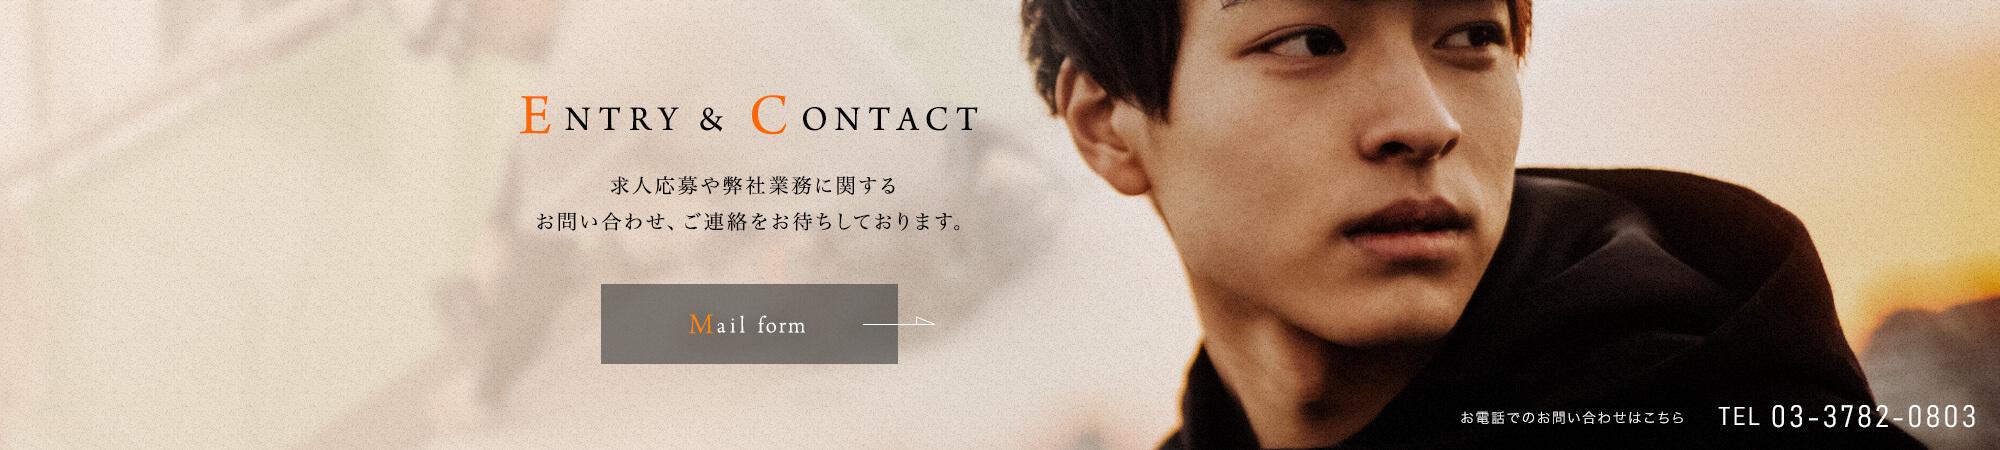 ENTRY&CONTACT 求人応募や弊社業務に関するお問い合わせ、ご連絡をお待ちしております。 MailForm